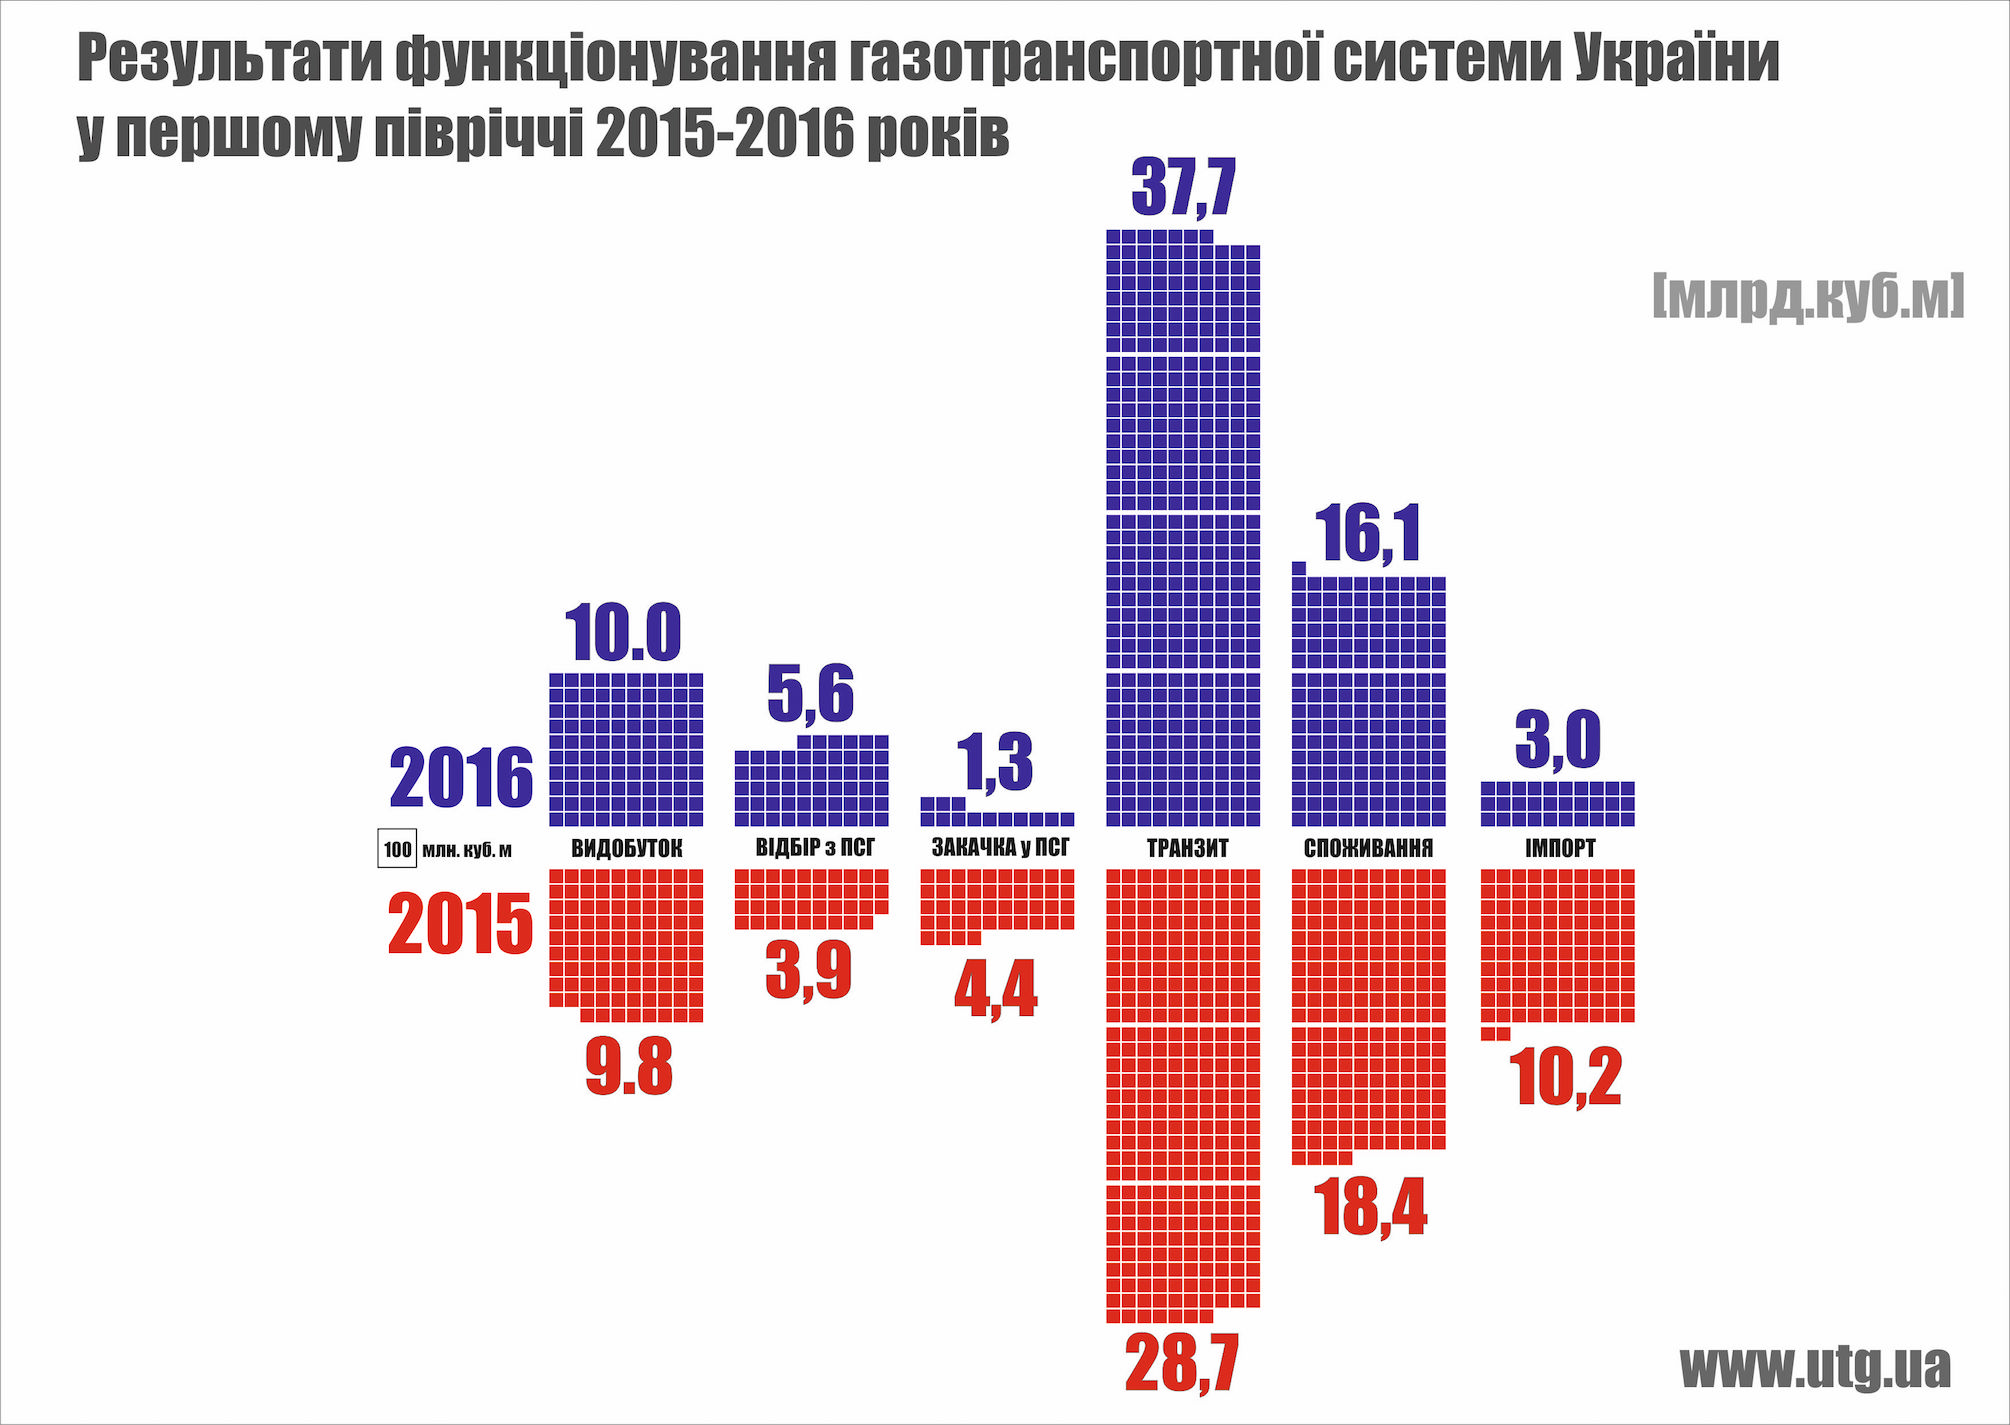 Gaslieferungen in der Ukraine im ersten Halbjahr 2016